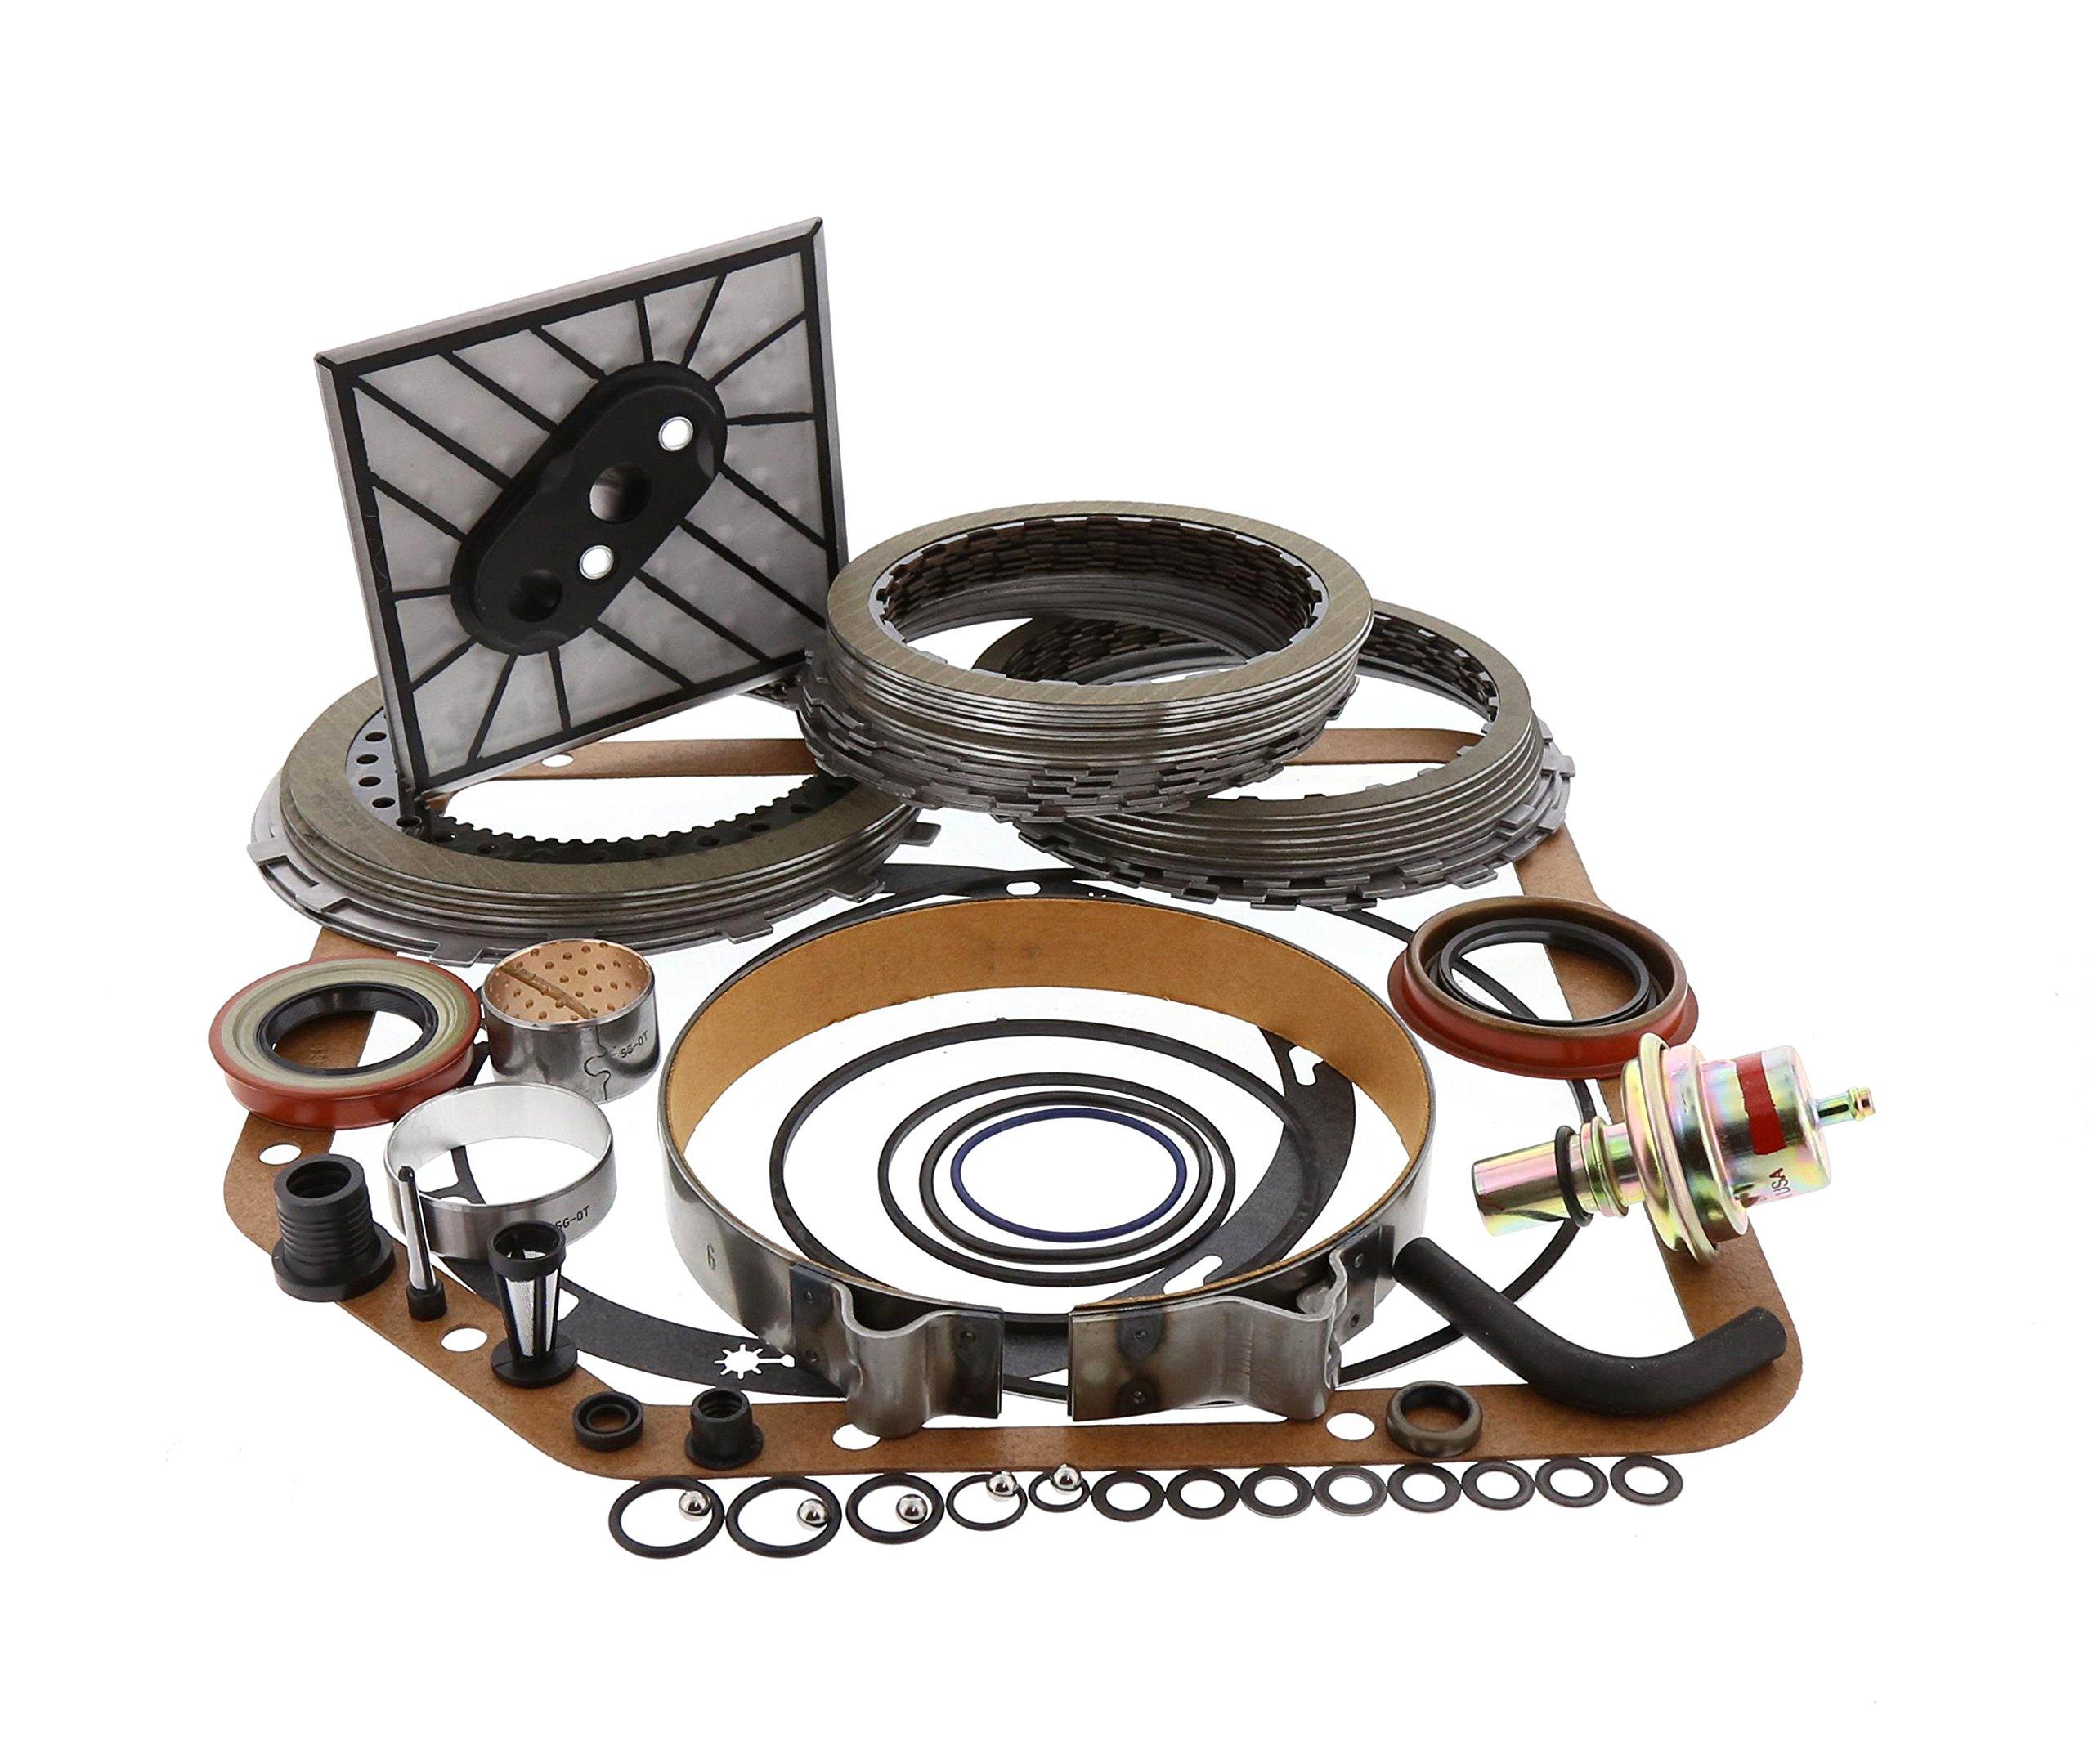 TH350 Alto Transmission Master Rebuild Kit Level 2